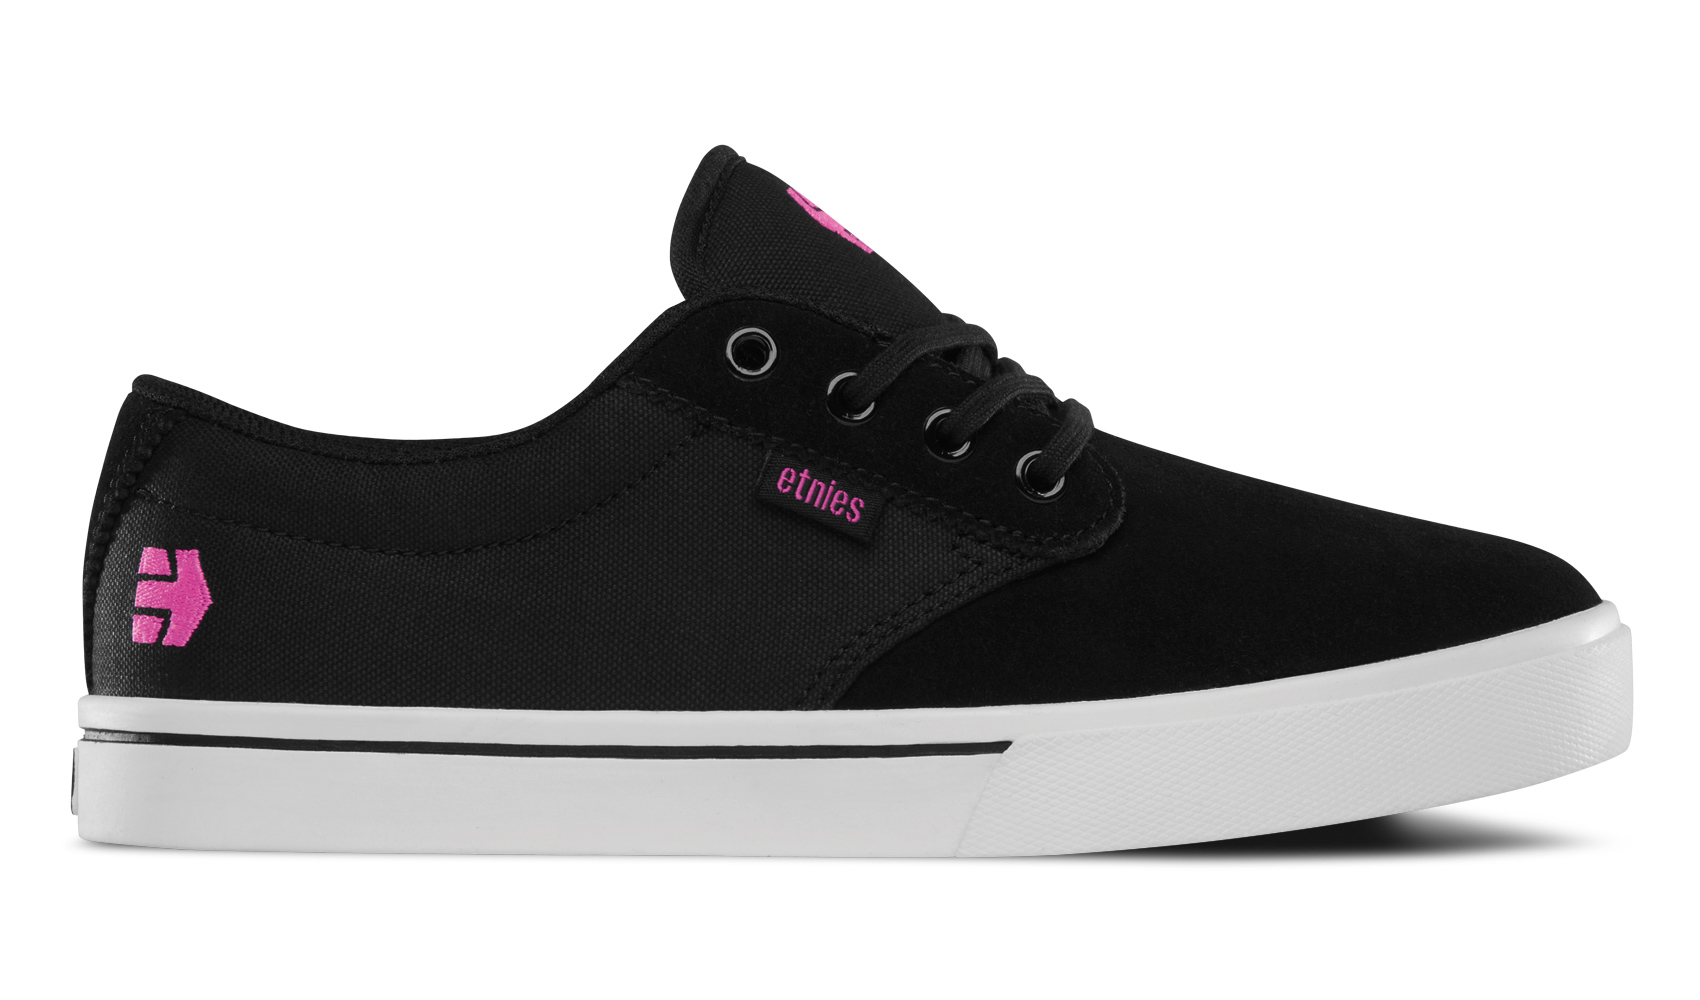 b383e872ac Etnies Womens Jameson 2 Skate Shoes